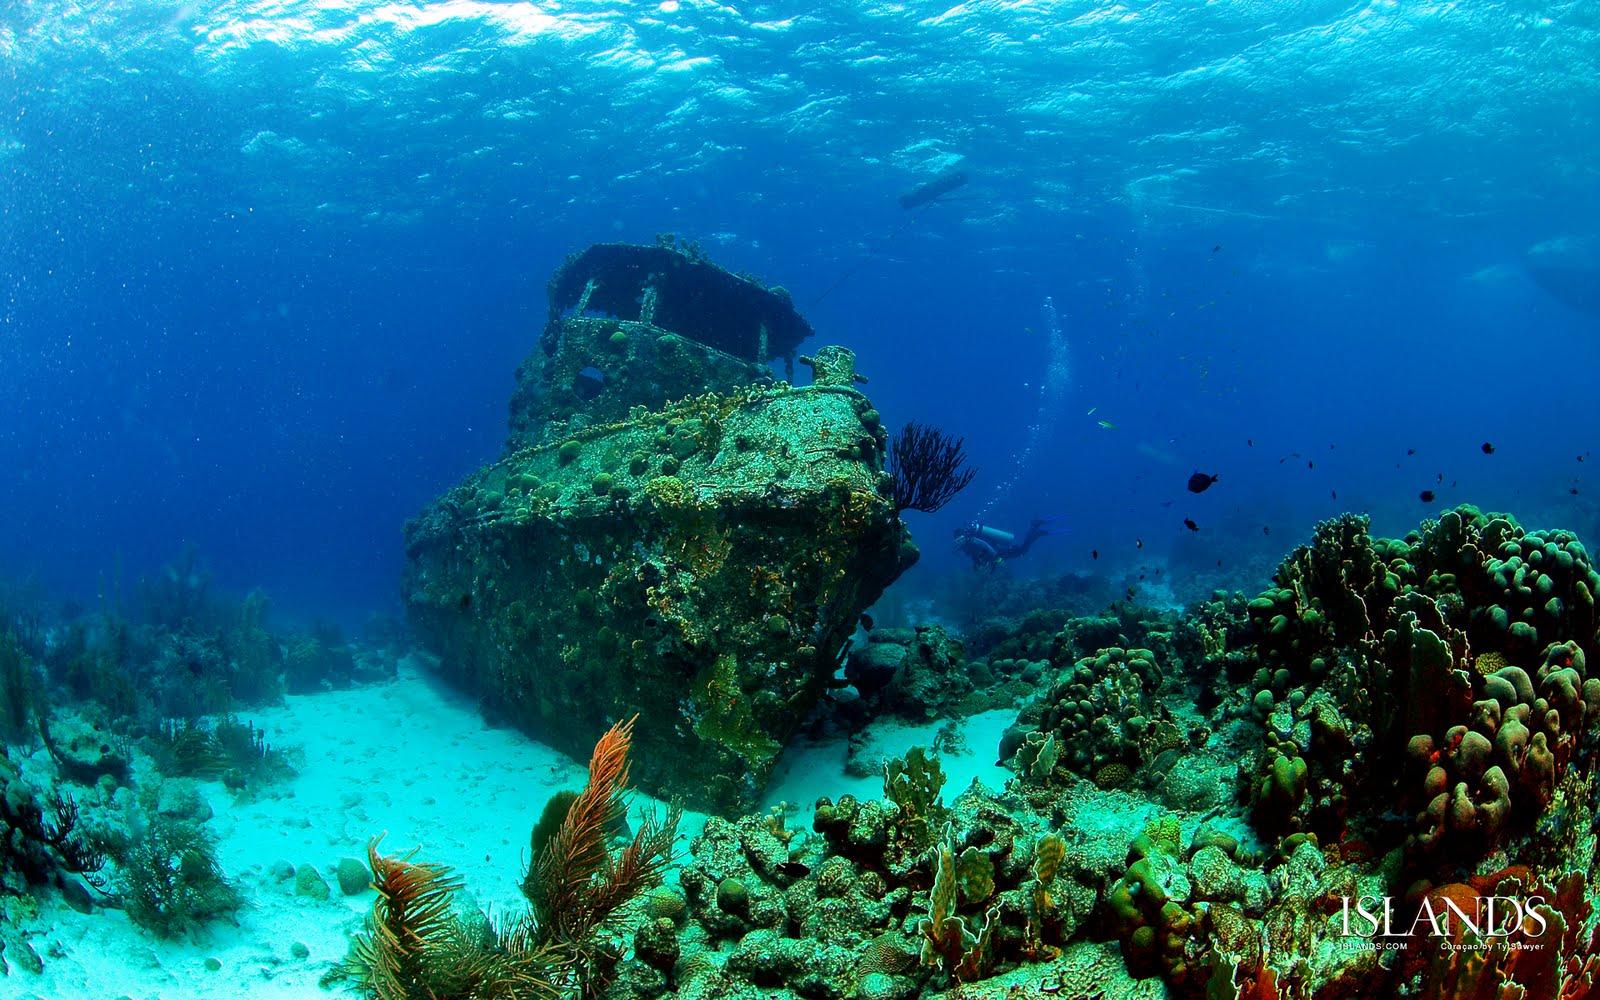 http://1.bp.blogspot.com/-brNN3-9uR6s/TmZXgrlOecI/AAAAAAAAGyQ/60ltoO9UrE8/s1600/Curacao_Wreck_Diving_Wallpaper_1920x1200.jpg